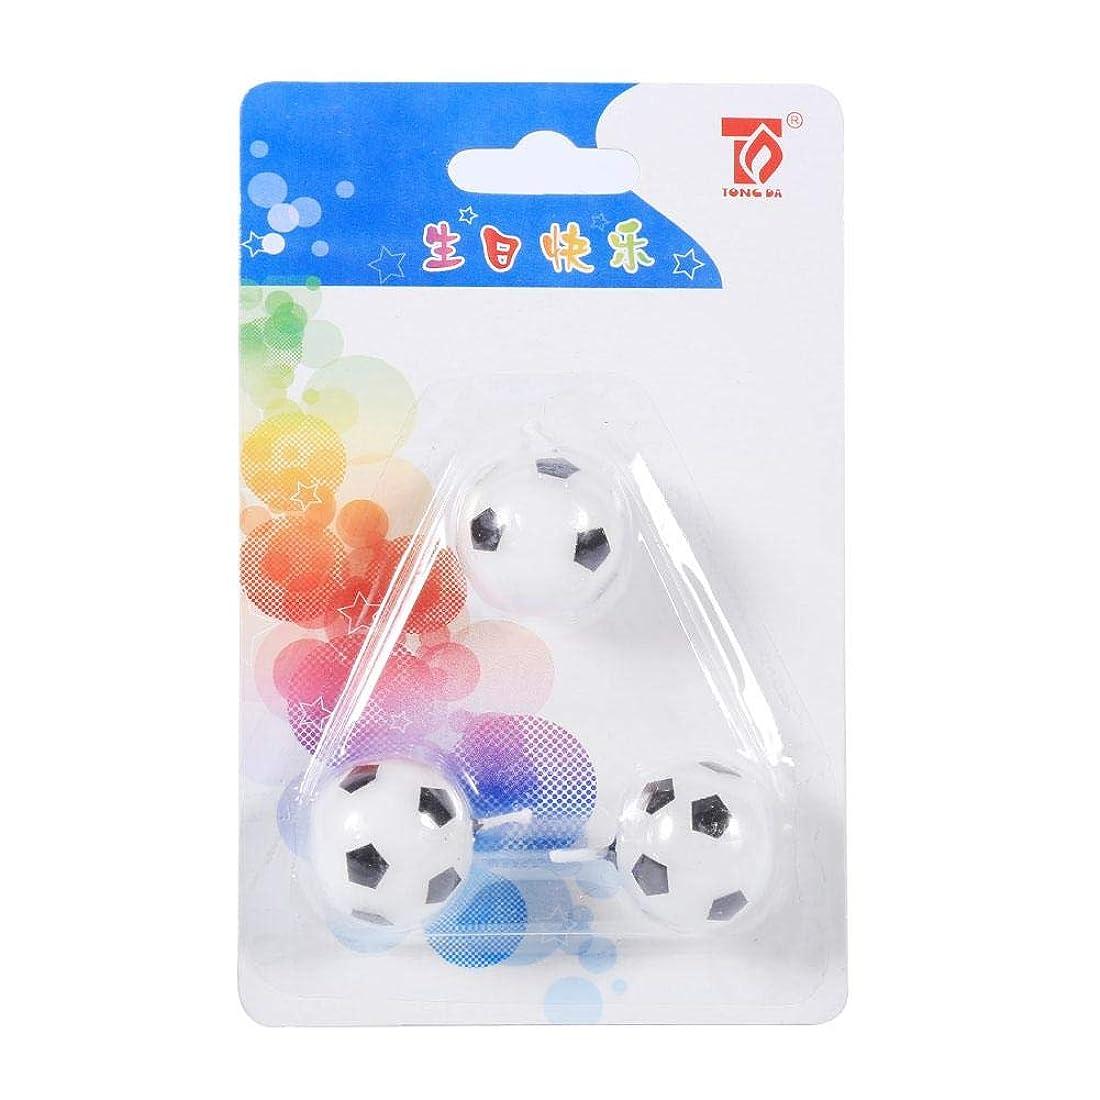 韻女王チェリーEboxer キャンドル サッカーボールキャンドル キャンドル誕生日 子供向 3個入 サッカーボールの形 誕生日 パーティケーキのキャンドル 飾り物 可愛い